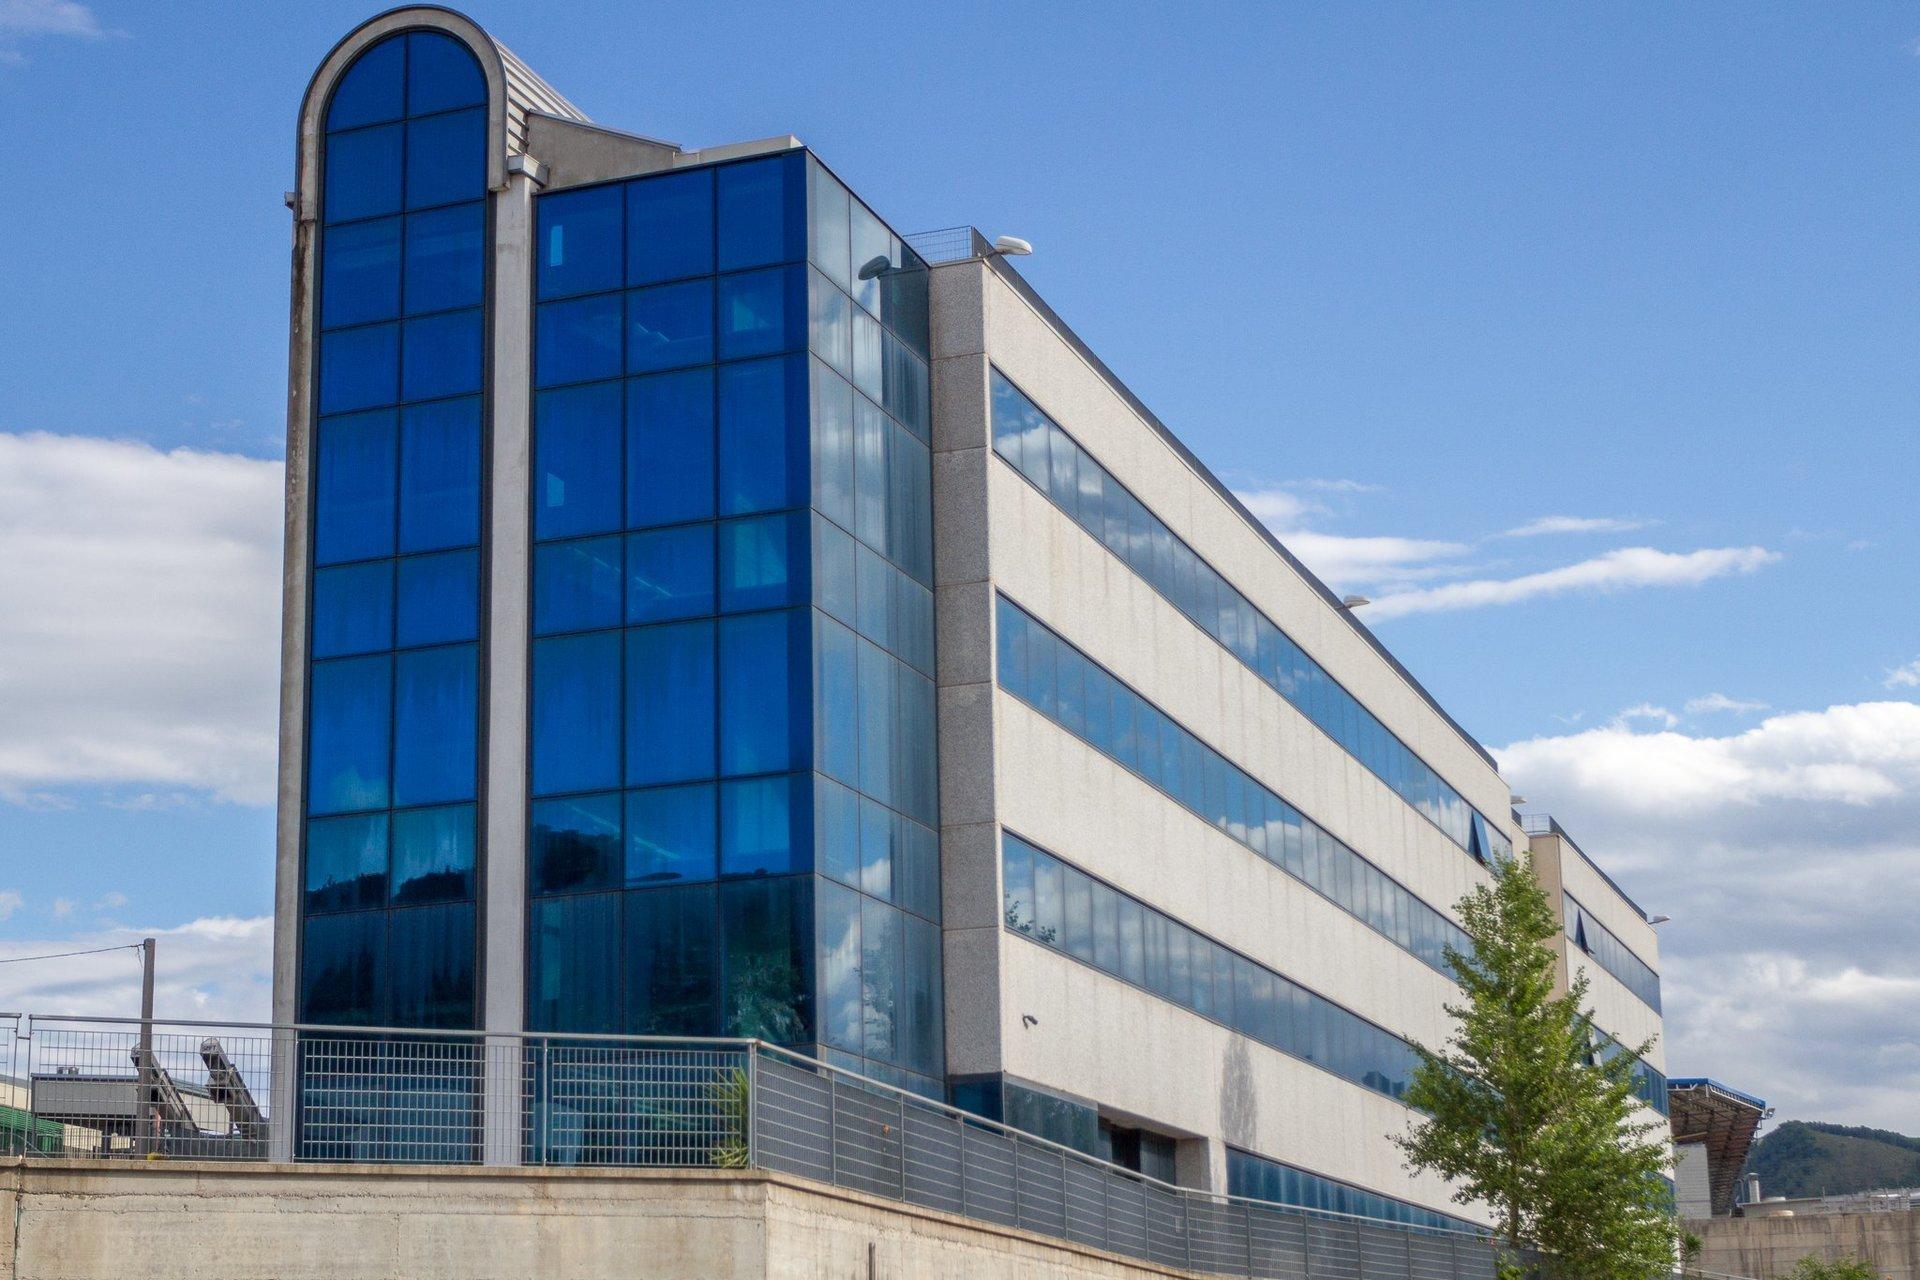 edificio con vetrate blu